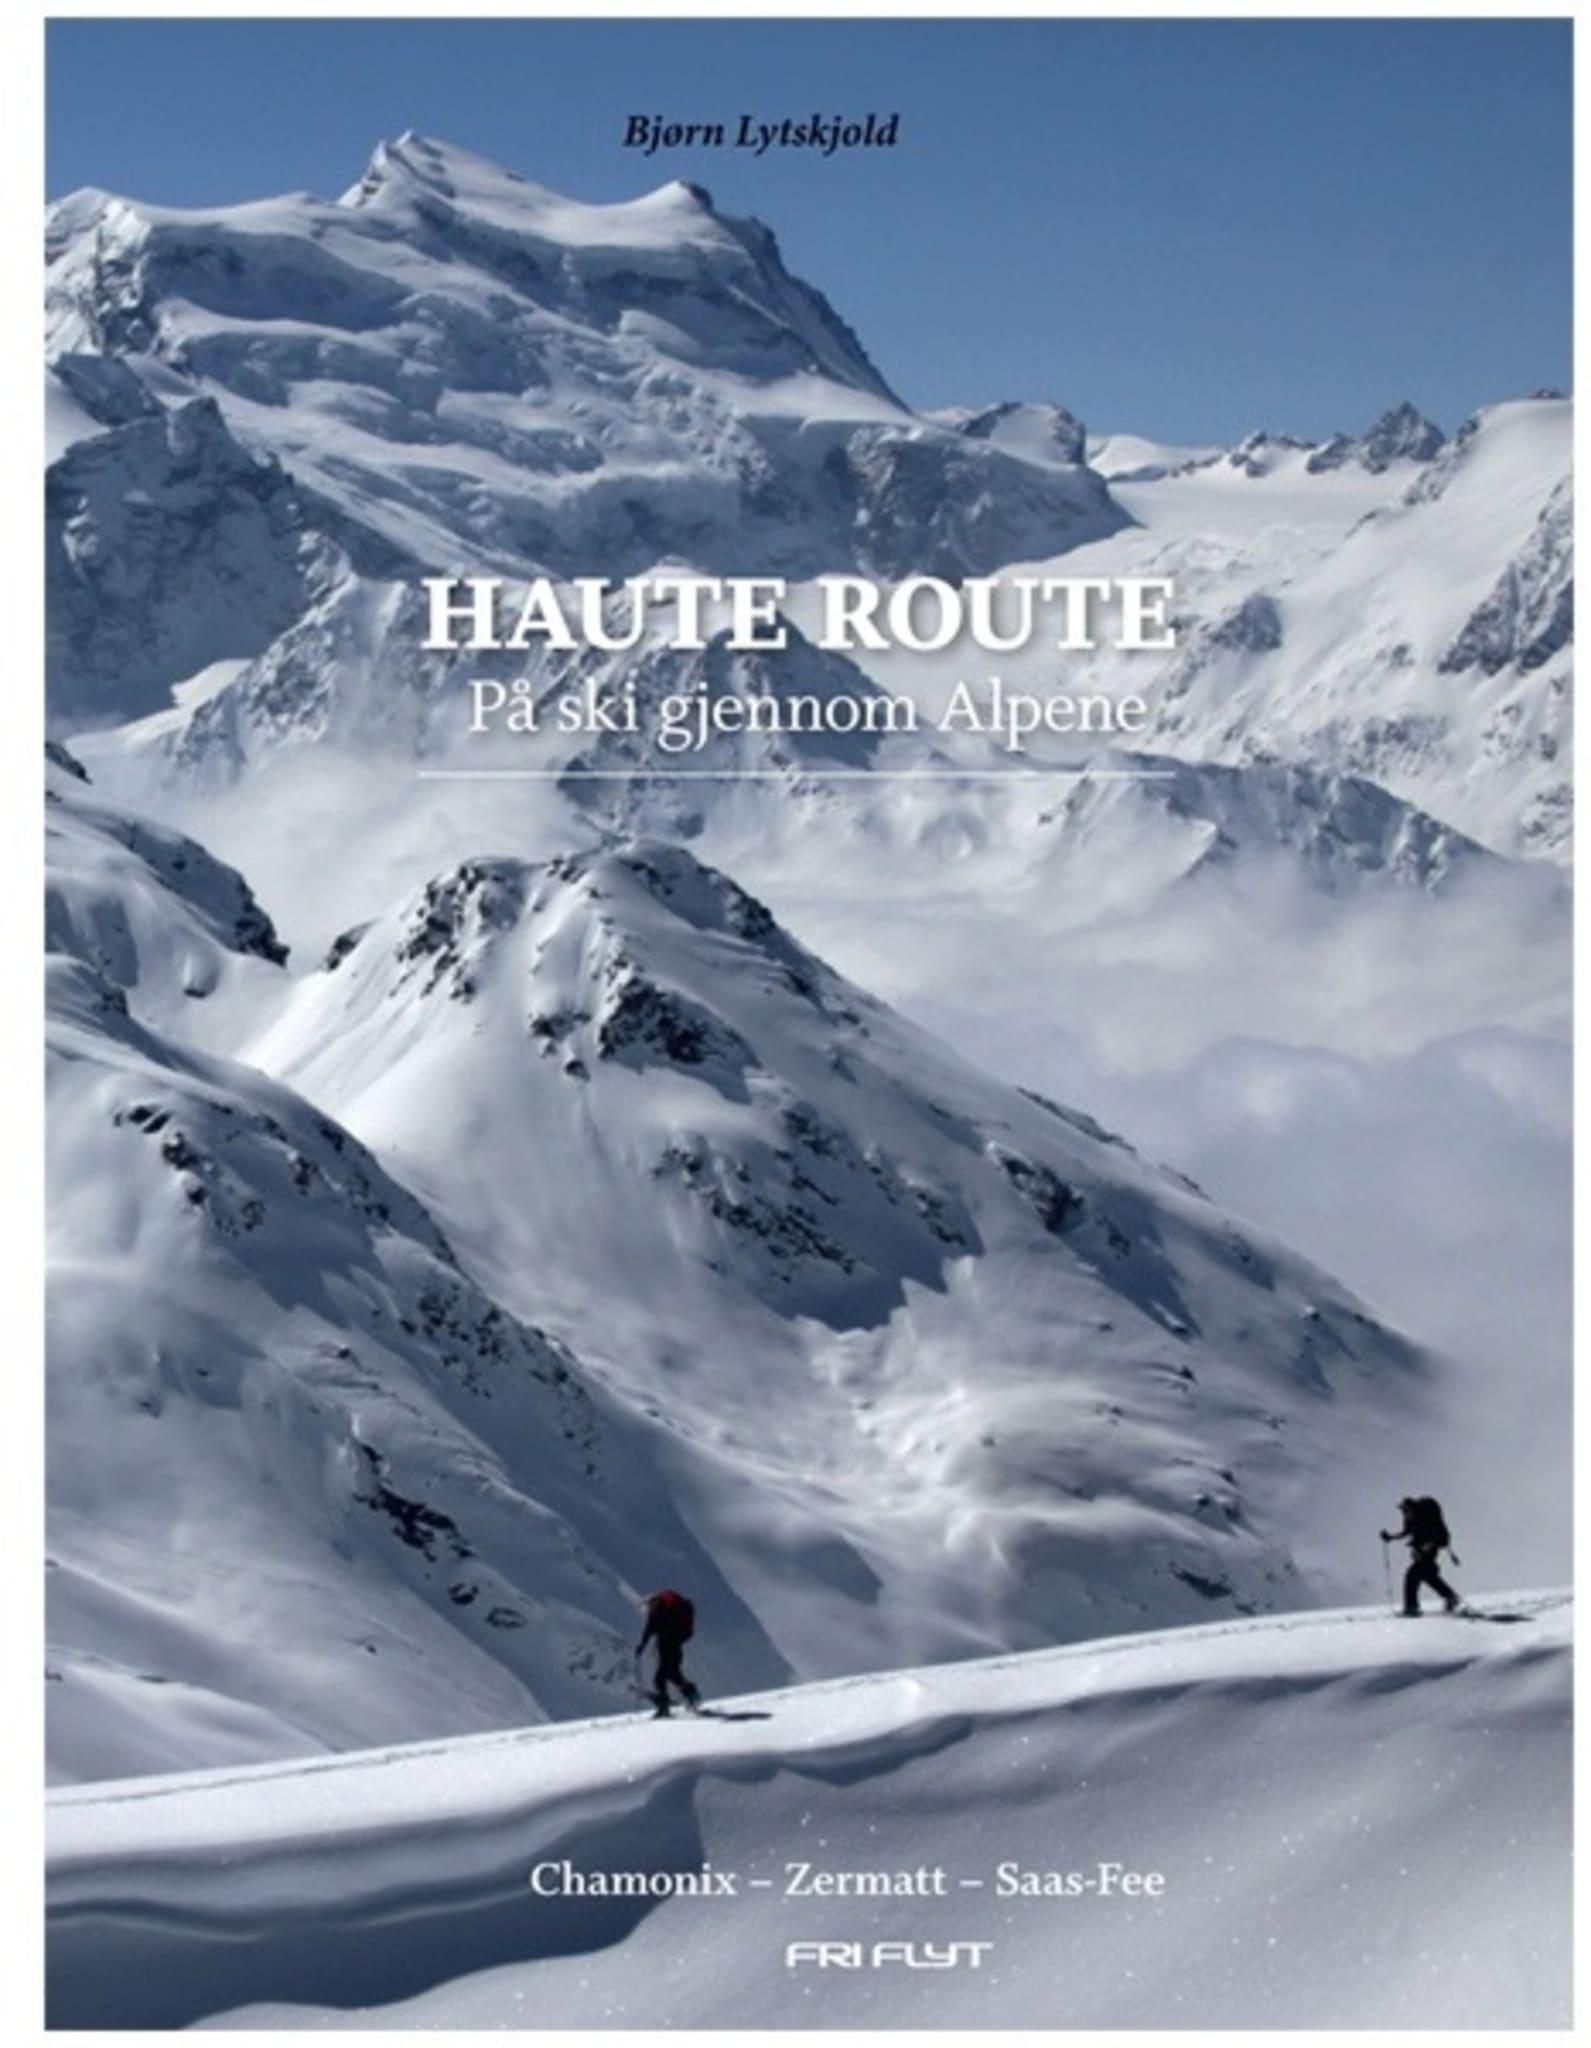 På ski gjennom Alpene